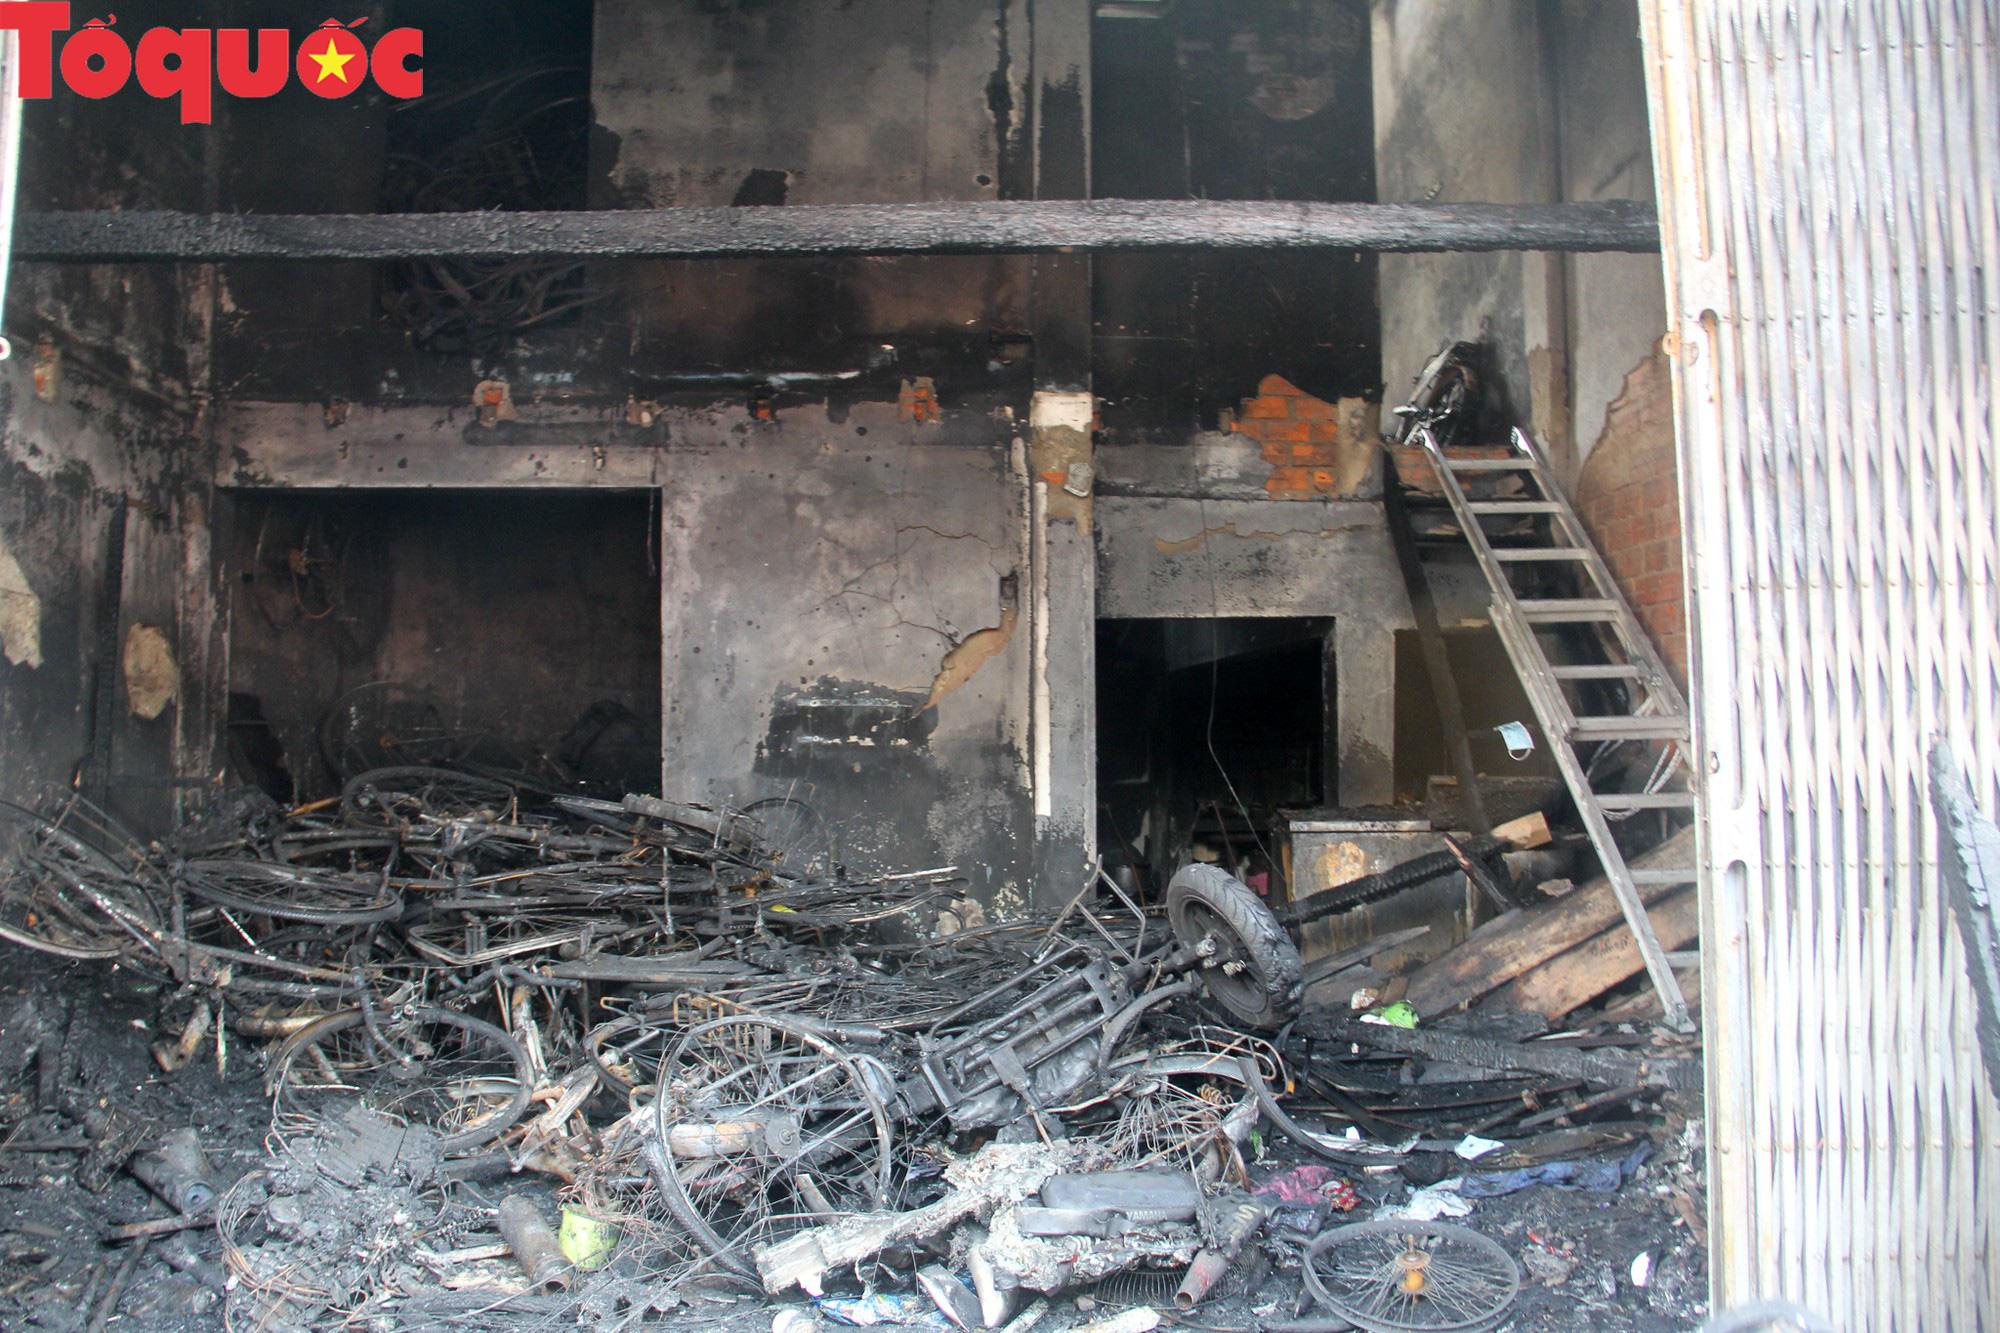 Vụ 3 người tử vong trong đám cháy: Nhà không có lối thoát hiểm, hàng xóm phát hiện nhưng không thể giải cứu - Ảnh 4.